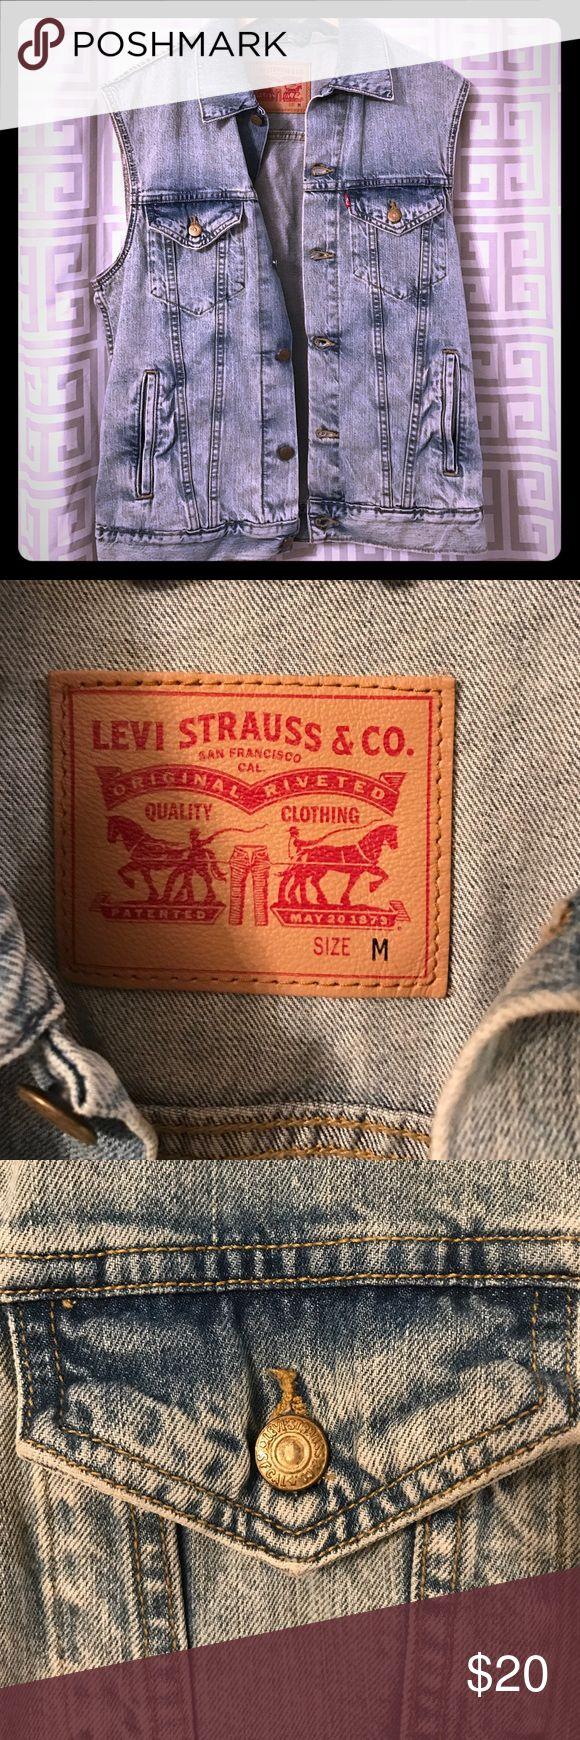 Men's Levi's classic jean vest Men's Levi's classic jean vest size medium Levi's Jackets & Coats Vests